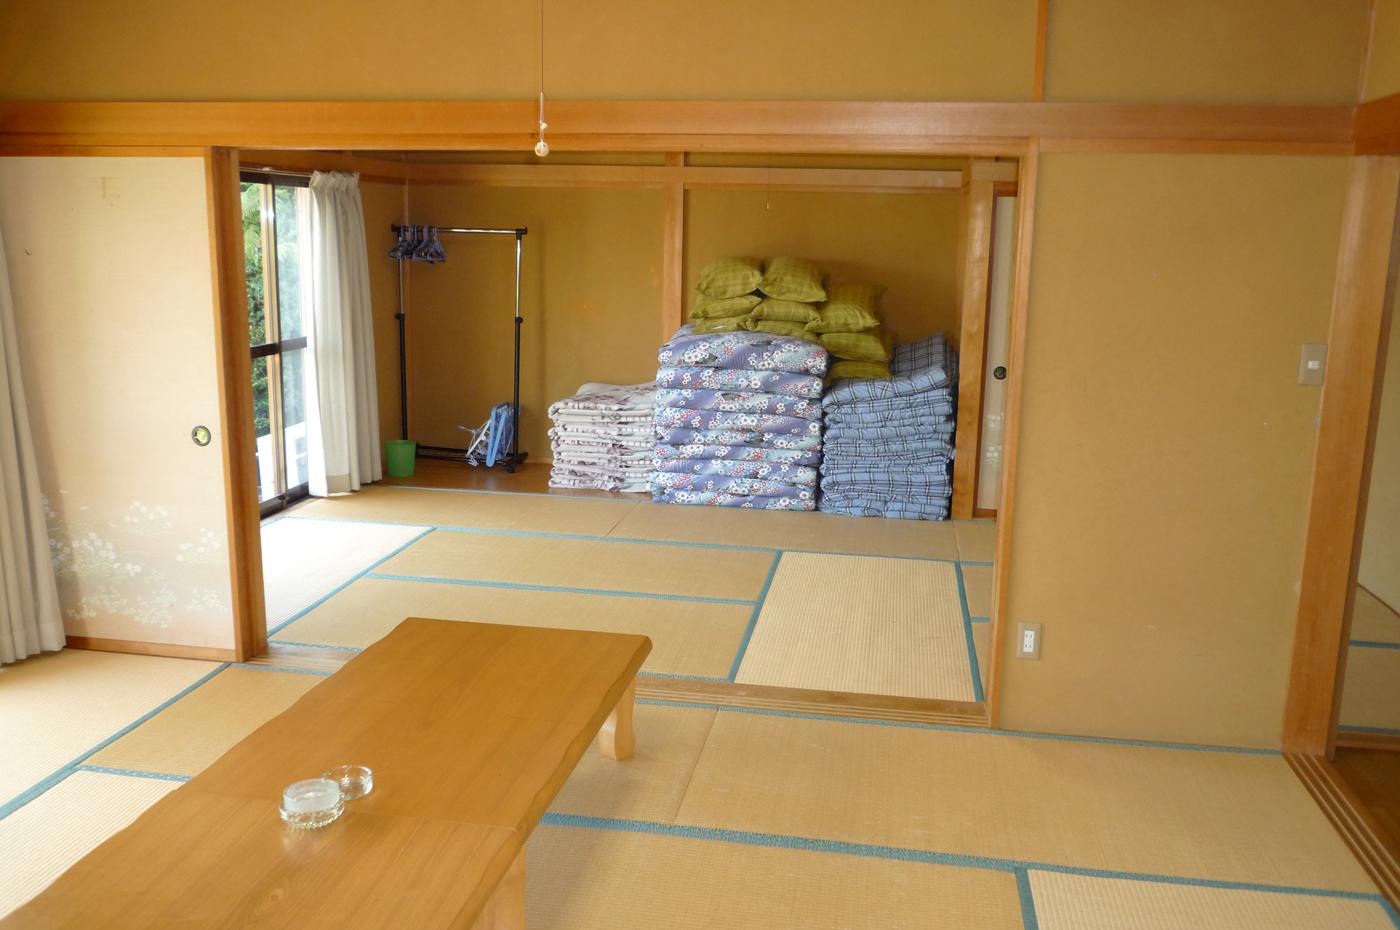 入田浜山荘 和室に布団を敷くお部屋です。日中は広く使えて、夜間はプライベートにご利用いただけます。